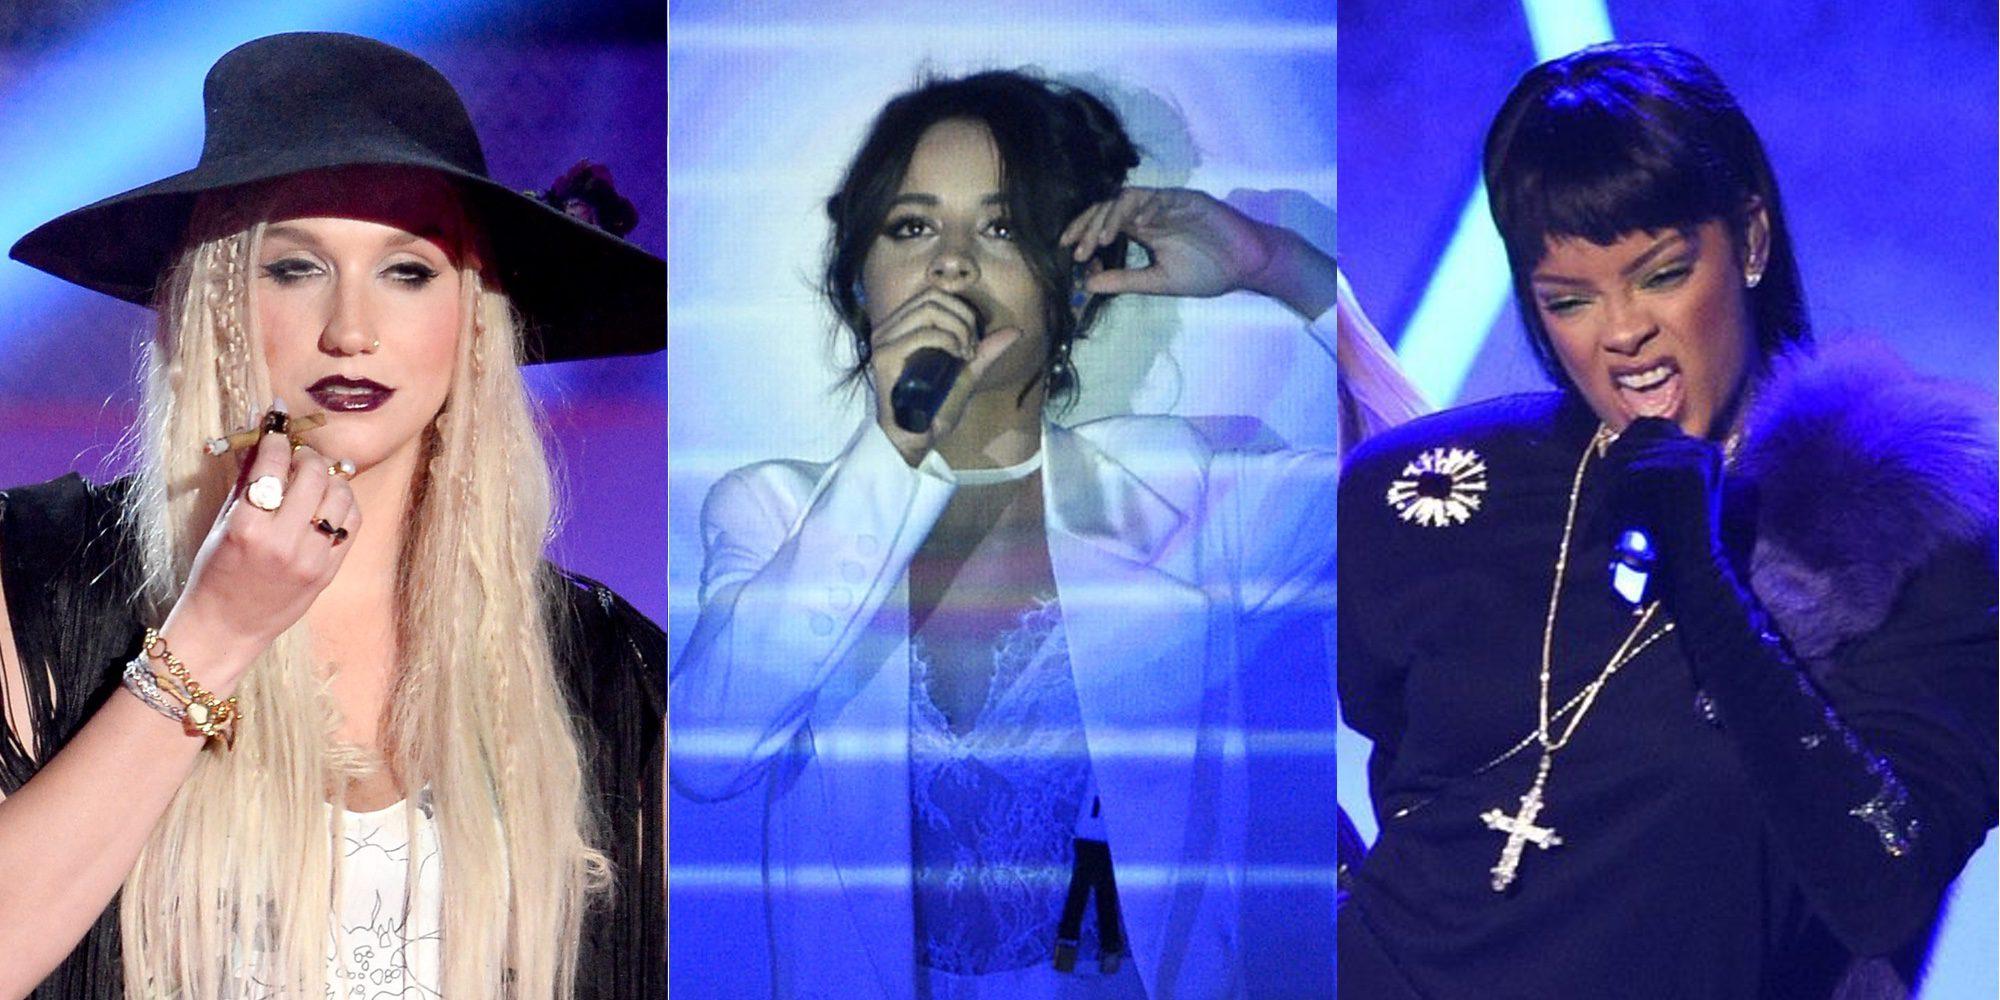 Agosto llega cargado de novedades musicales de la mano de Camila Cabello, Kesha y Rihanna